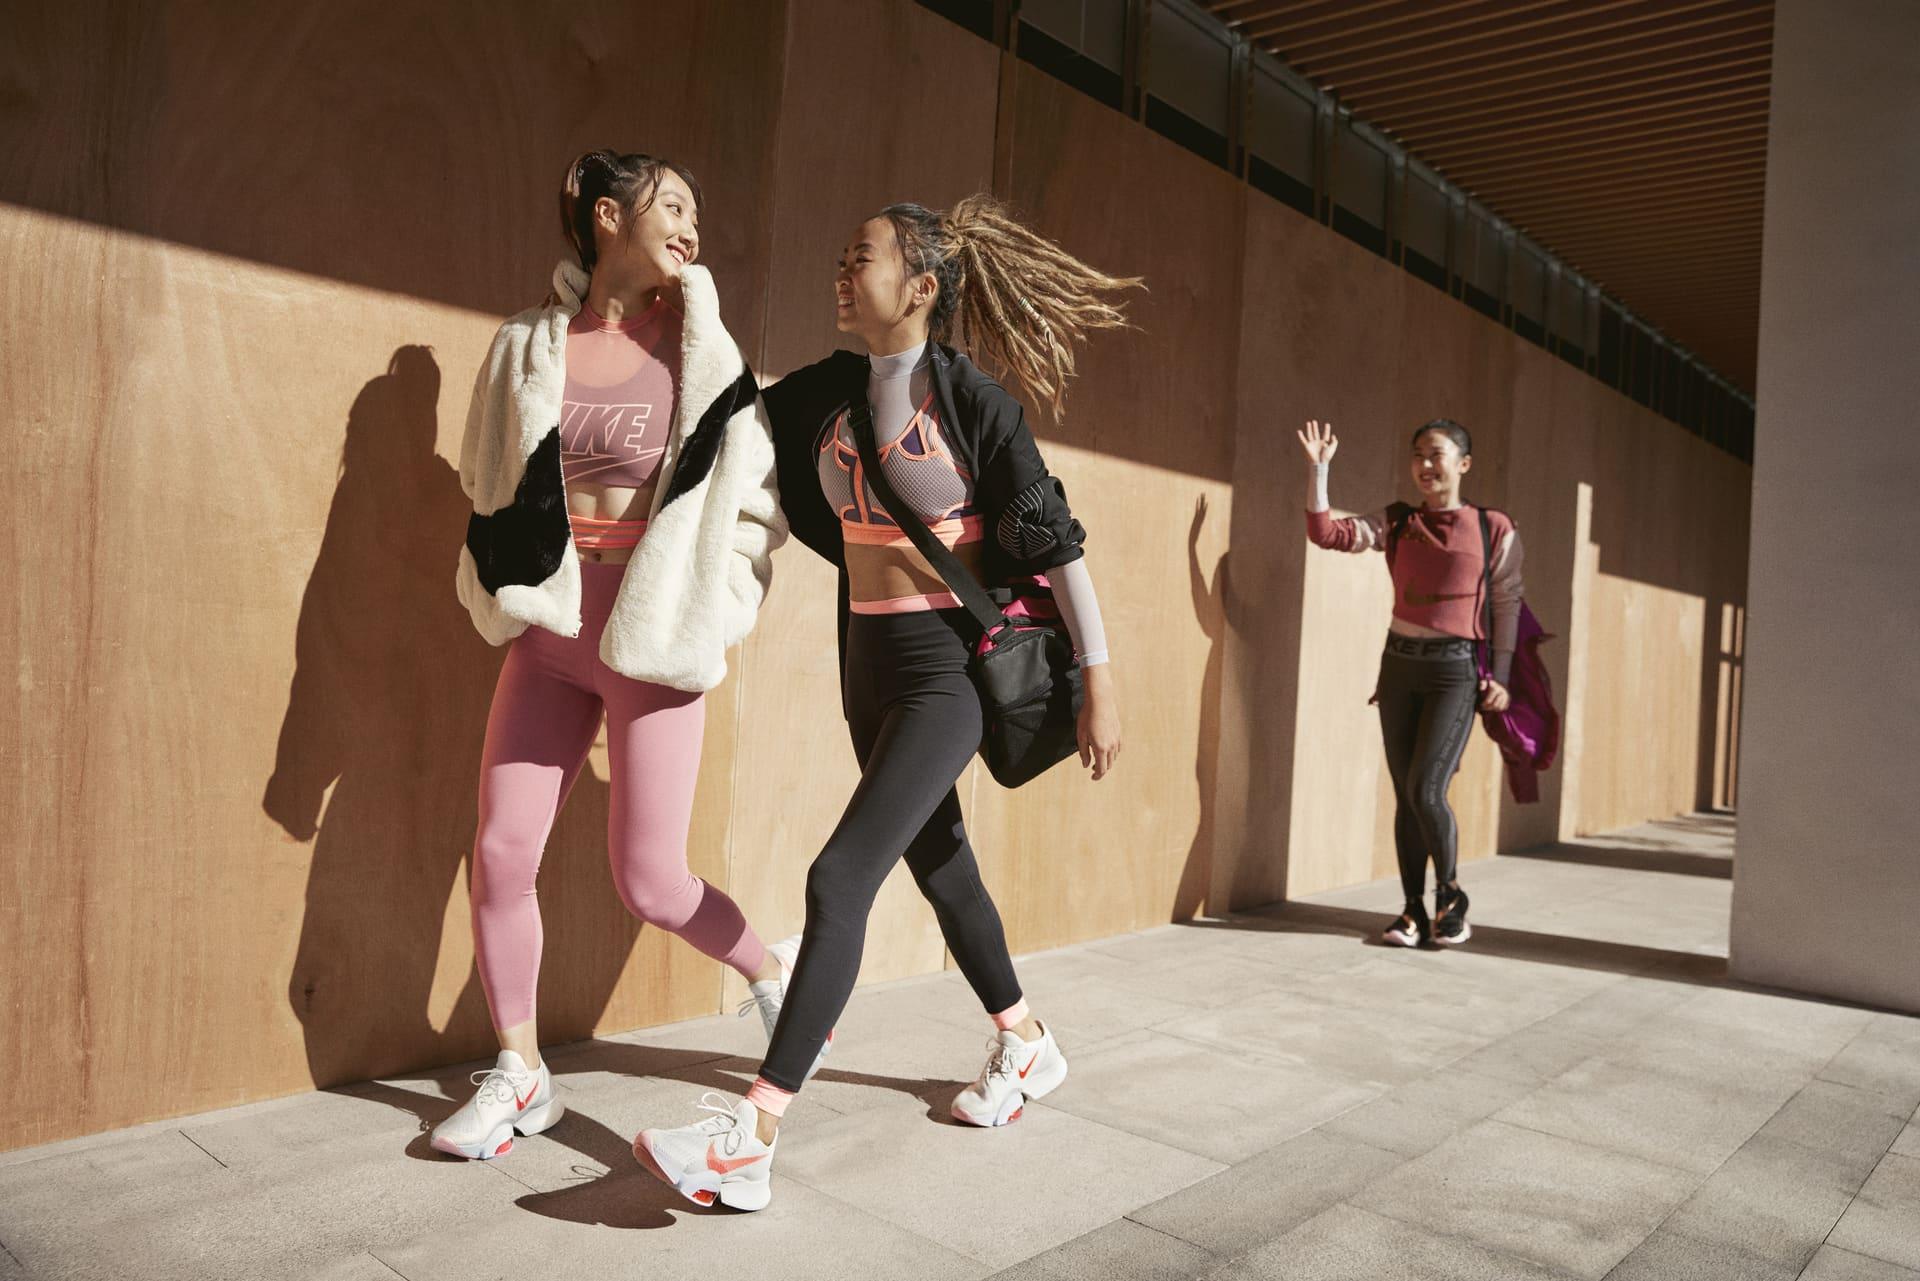 Ποιους τρόπους πληρωμής μπορώ να χρησιμοποιήσω στο Nike.com; | Βοήθεια Nike